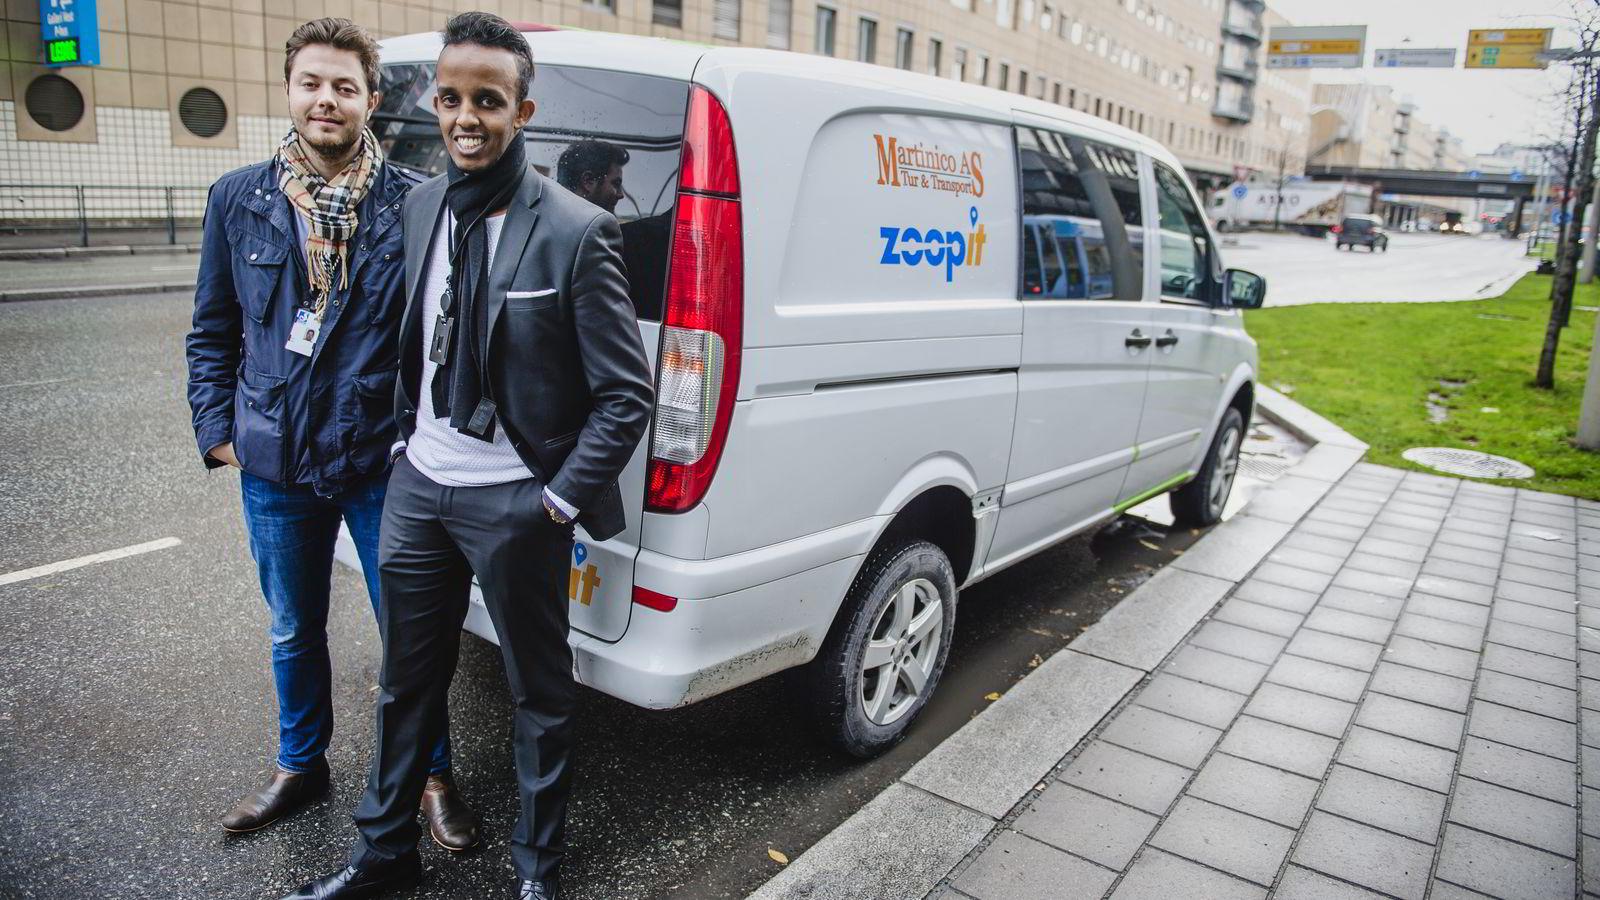 Gründerne bak budbiltjenesten Zoopit, Arne Kvale og Shafi Adan, her avbildet ved siden av en av budbilene som leverer pakker gjennom appen. Foto:Hampus Lundgren